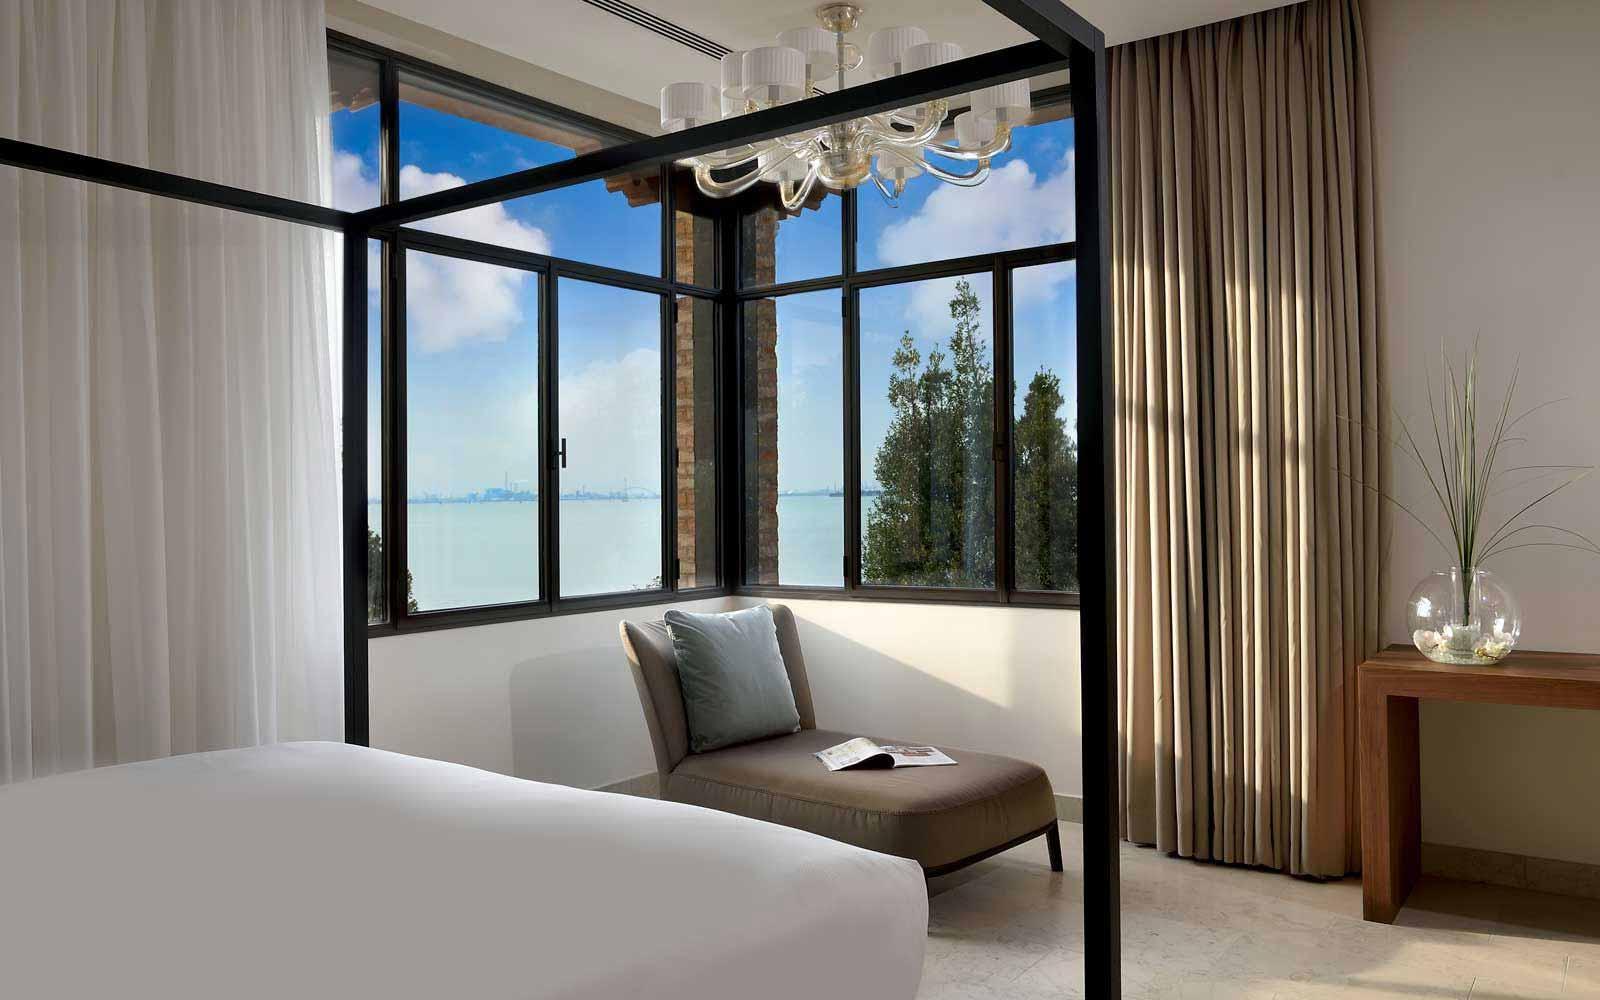 Villa Rose Bedroom at JW Marriott Venice Resort & Spa